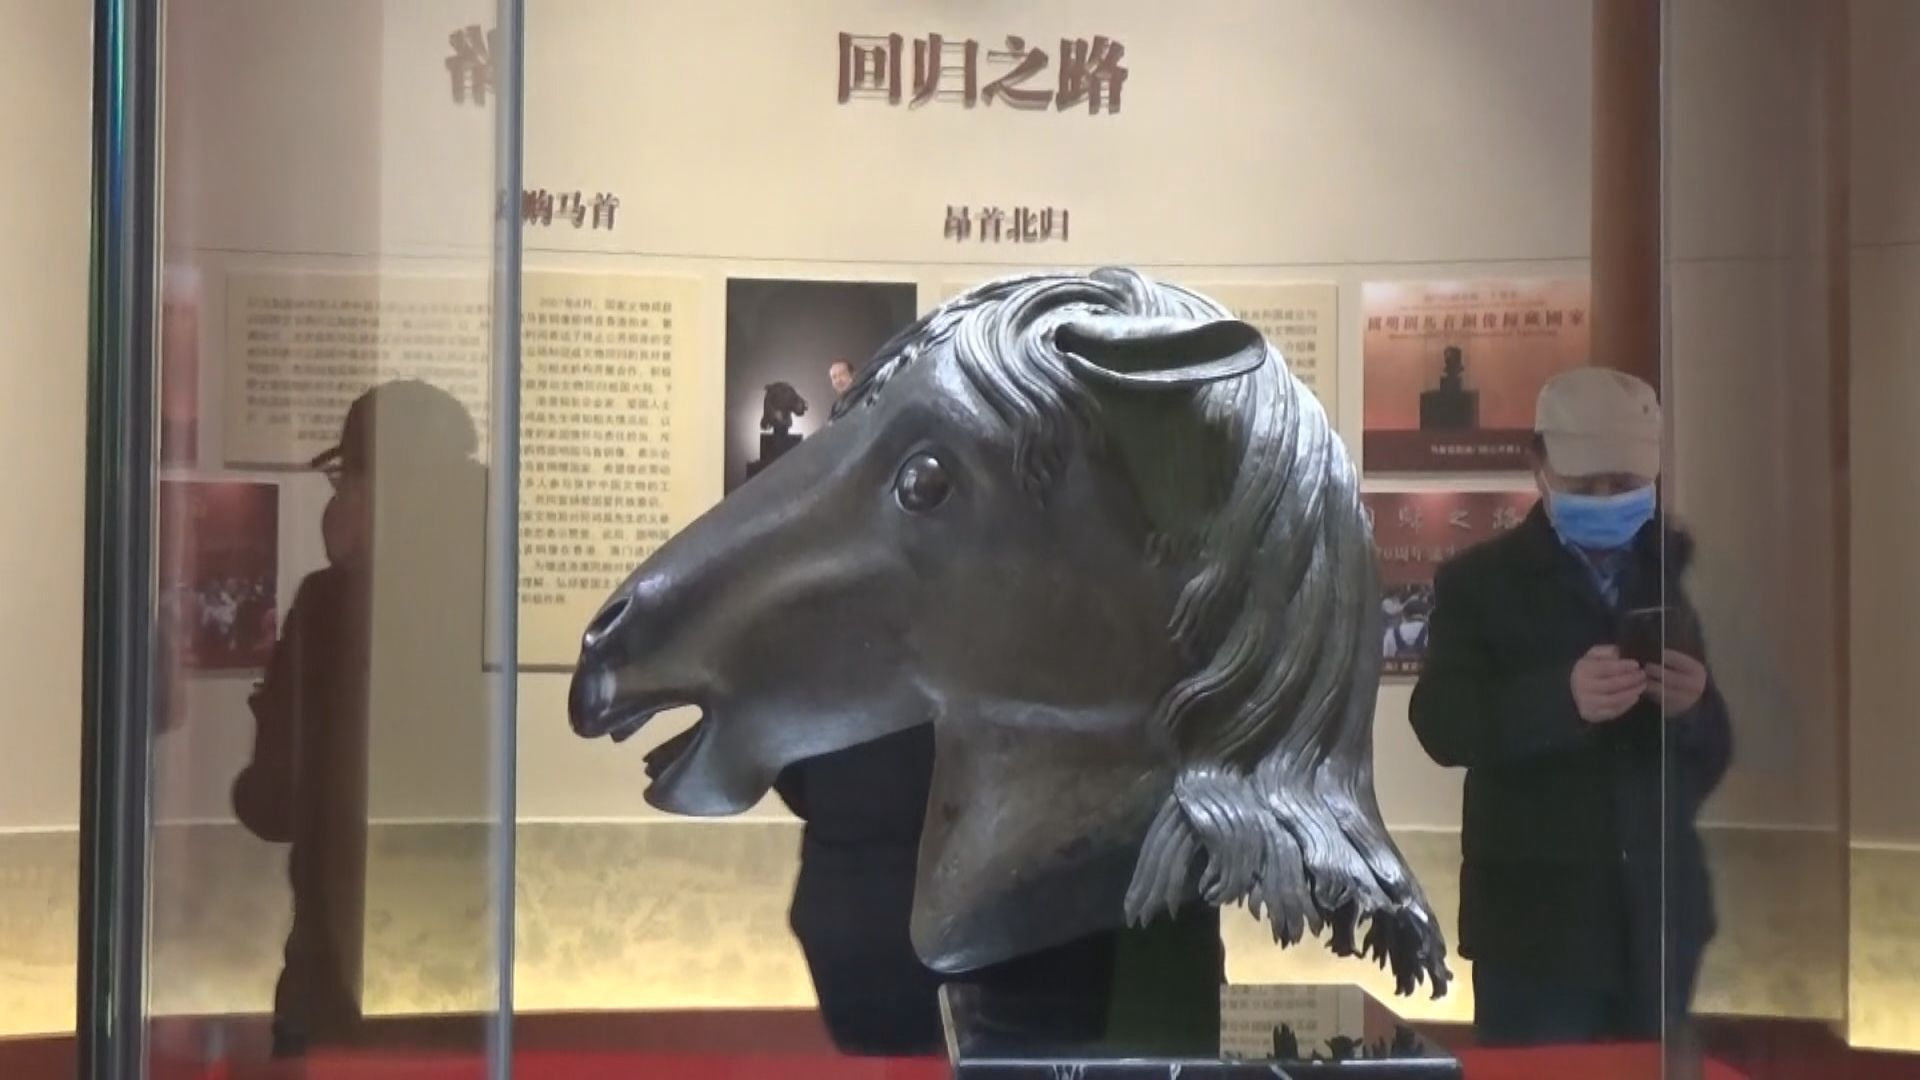 馬首銅像流失百多年後首次回歸圓明園展出